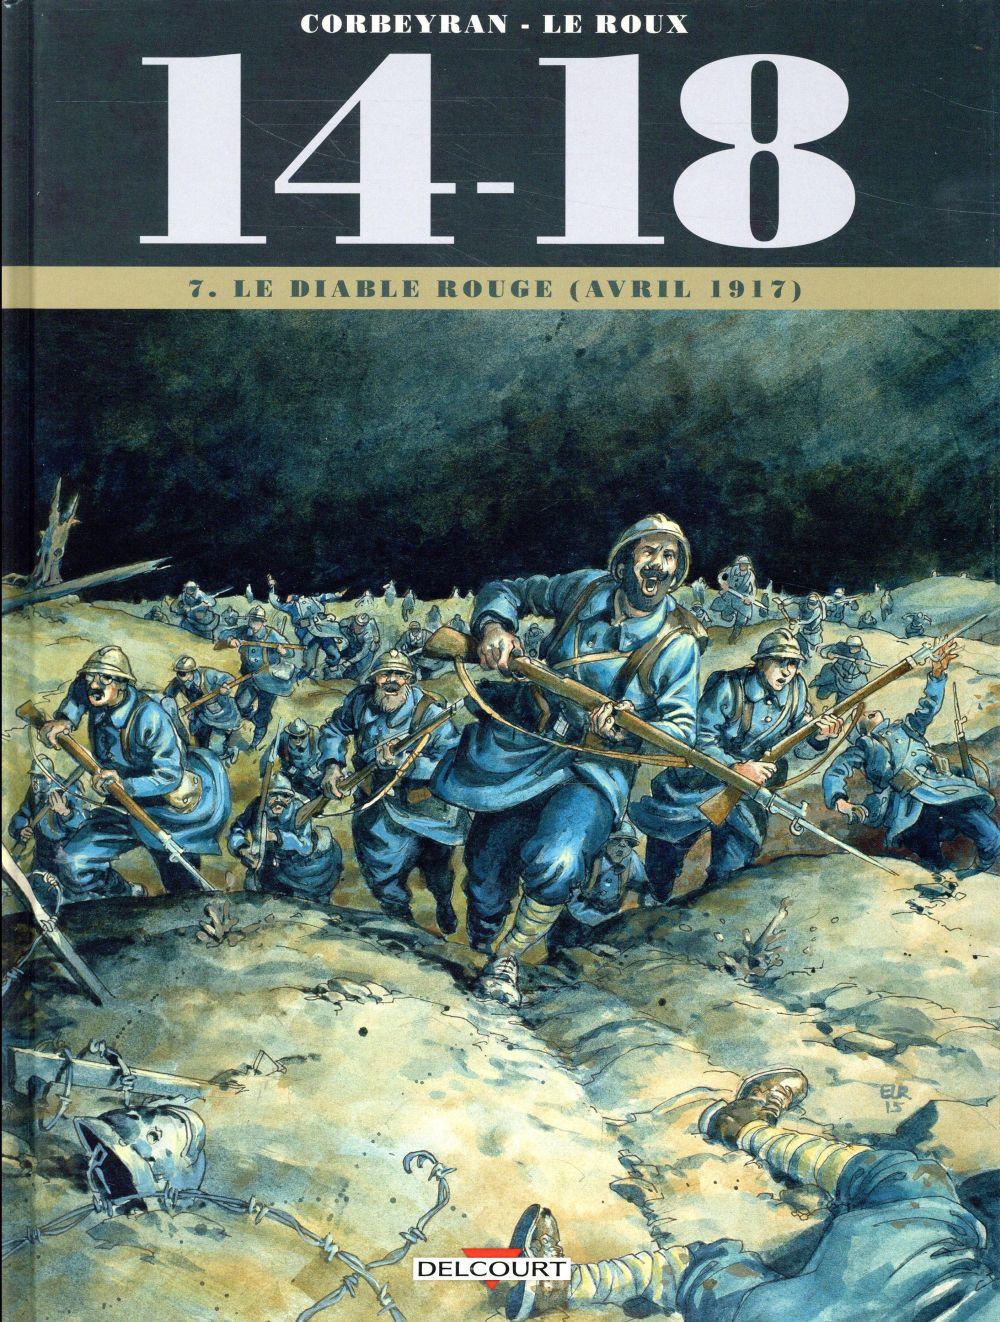 14-18 T.7  -  LE DIABLE ROUGE (AVRIL 1917) CORBEYRAN/LE ROUX DELCOURT